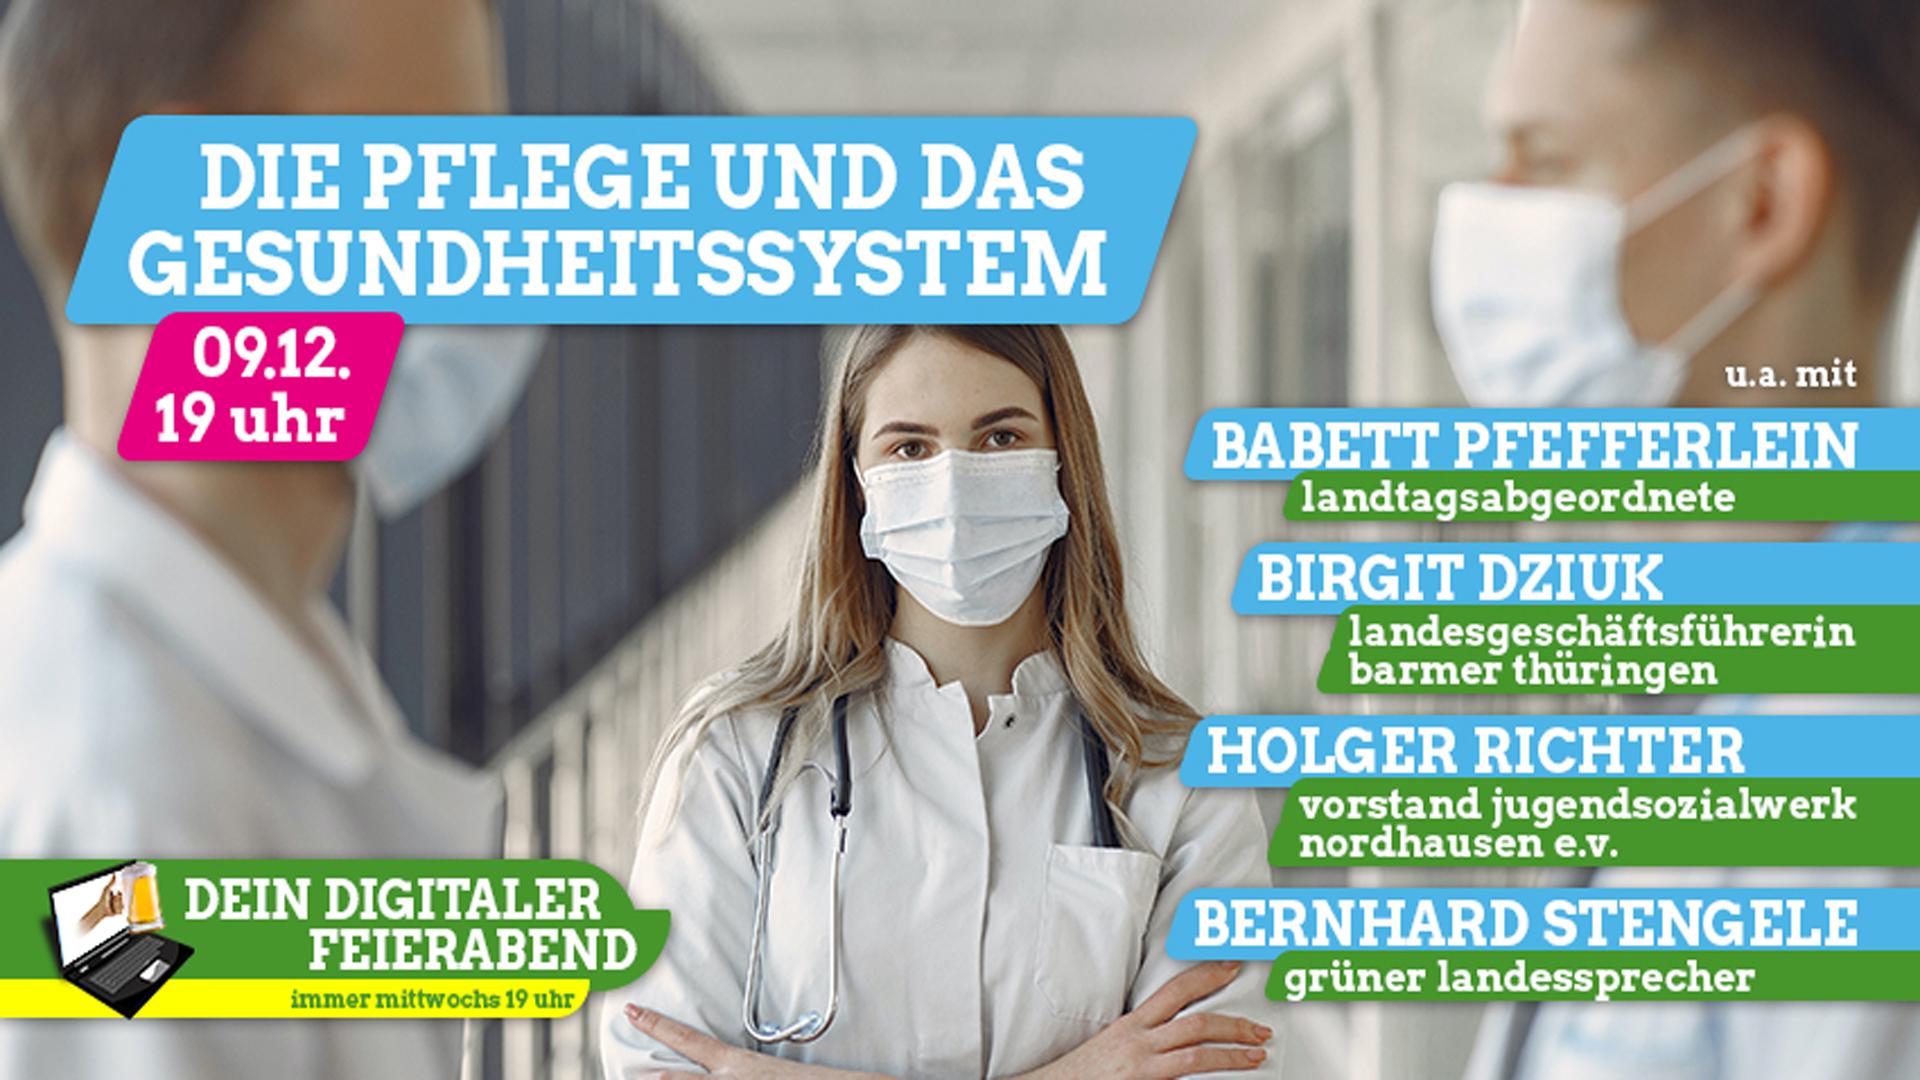 Die Pflege und das Gesundheitssystem